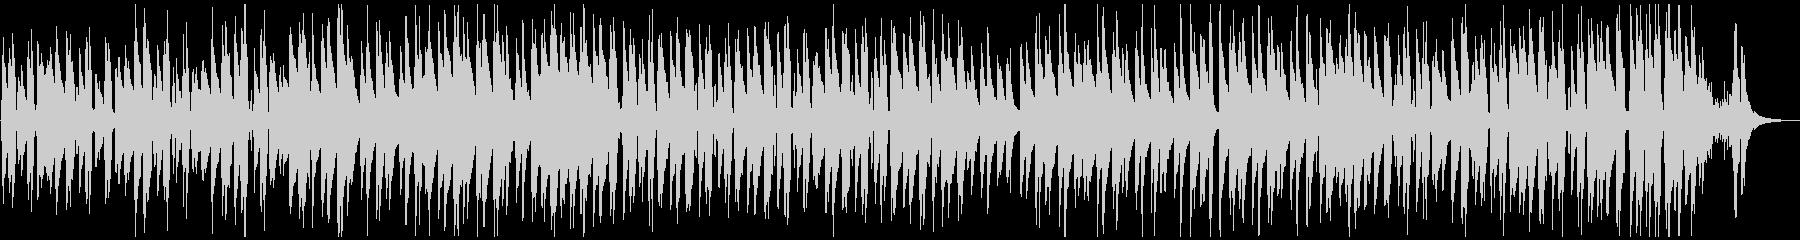 ウクレレのシンプルなほのぼの曲の未再生の波形